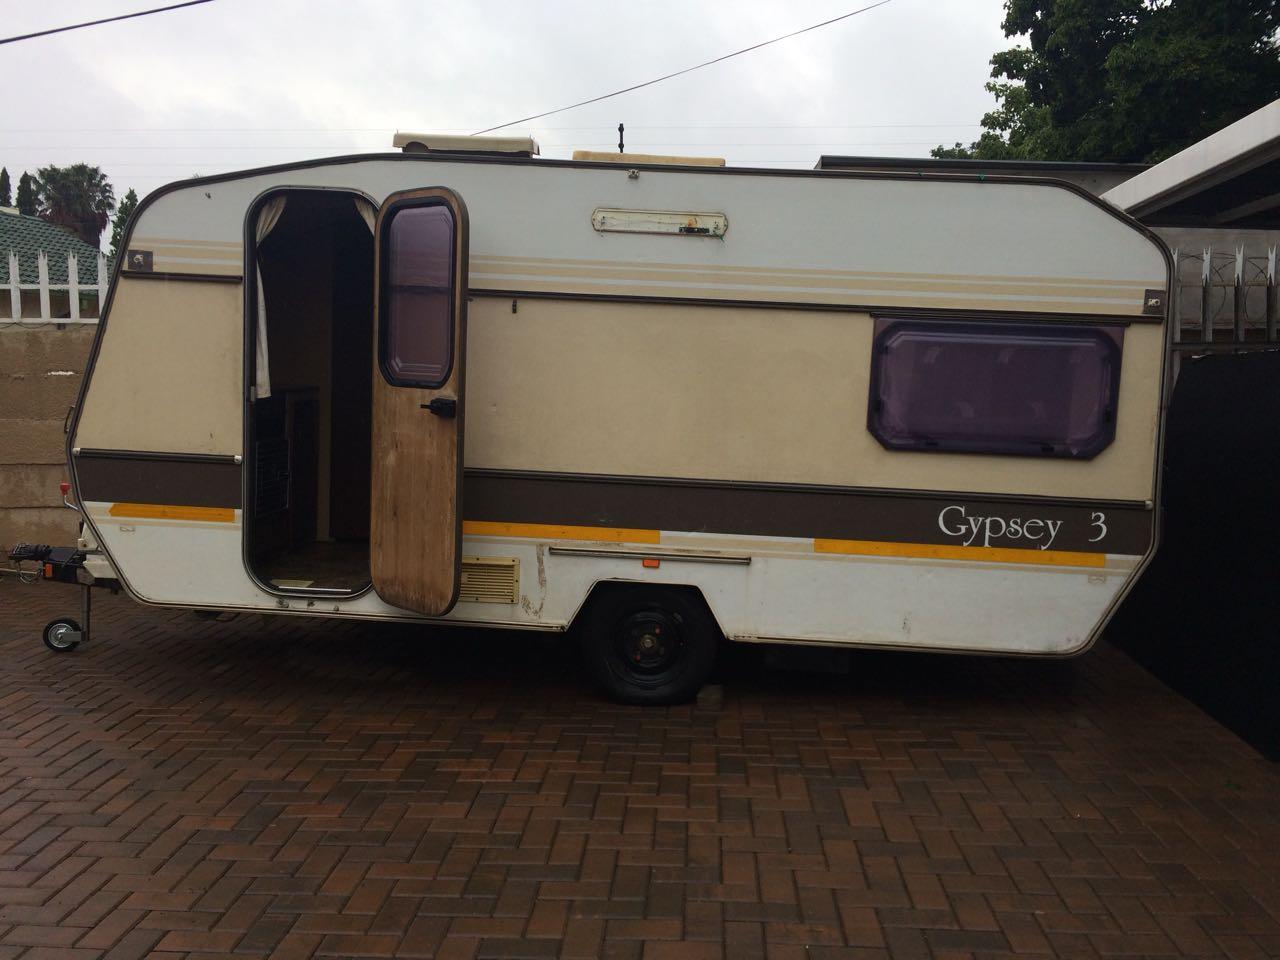 gypsey 3 caravan for sale junk mail. Black Bedroom Furniture Sets. Home Design Ideas